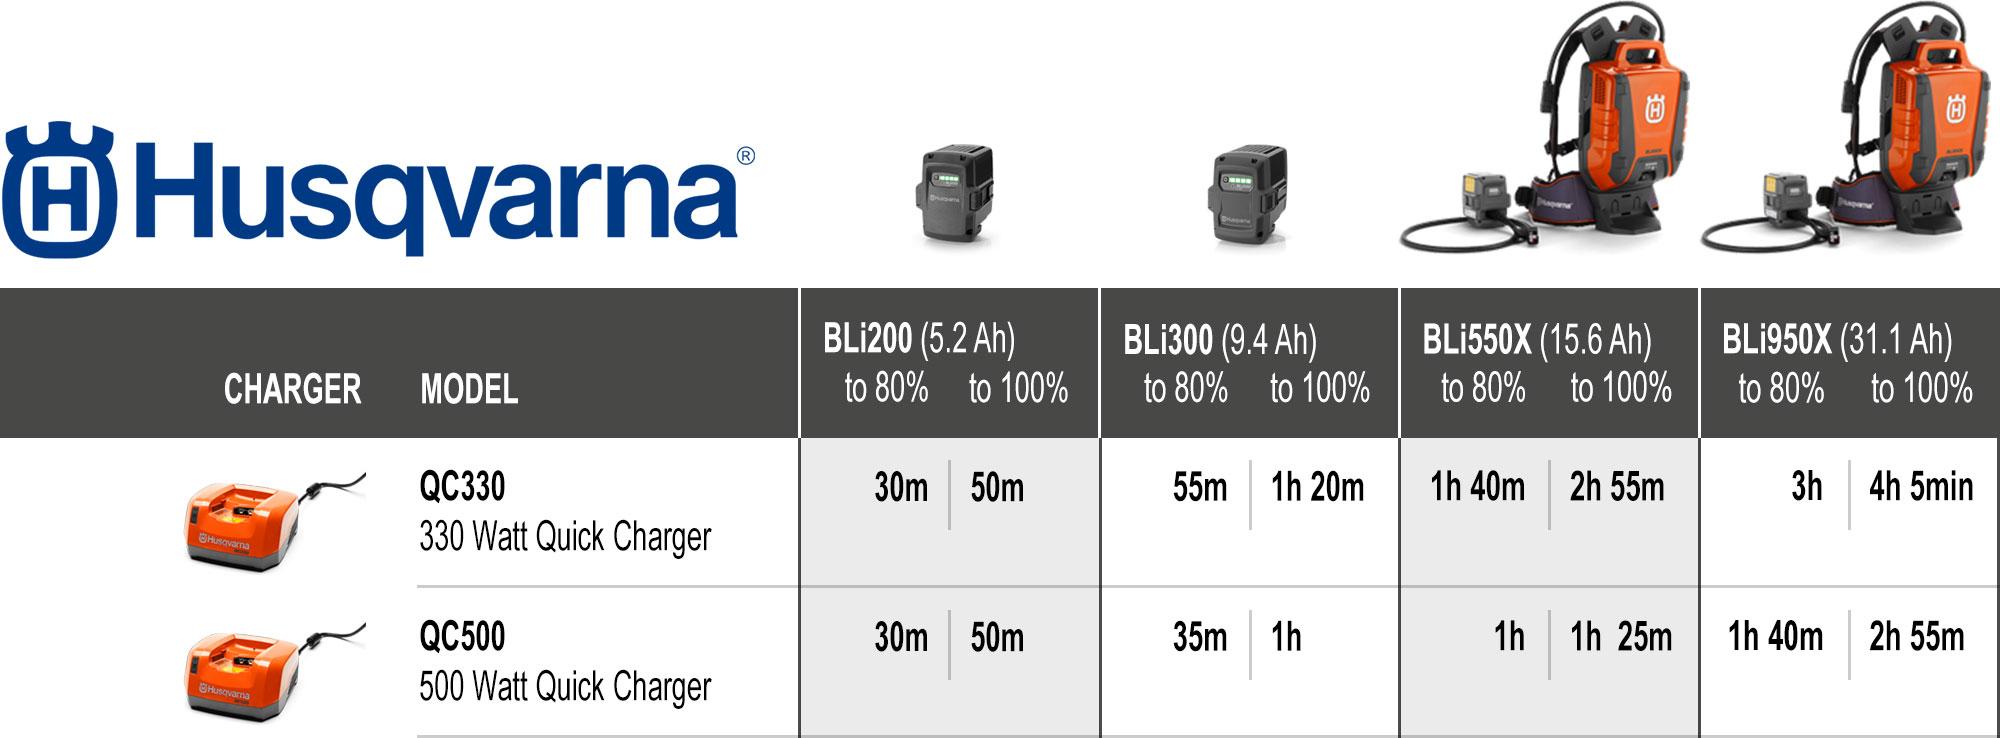 AGZA_HUSQVARNA_Battery_Charging_Chart_02_2000_HI.jpg